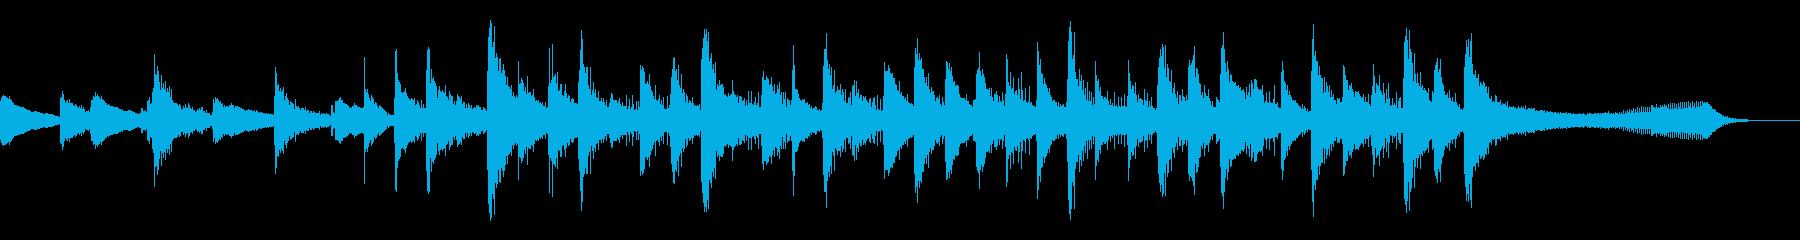 サンドアンドサン、スローテンポ、フ...の再生済みの波形